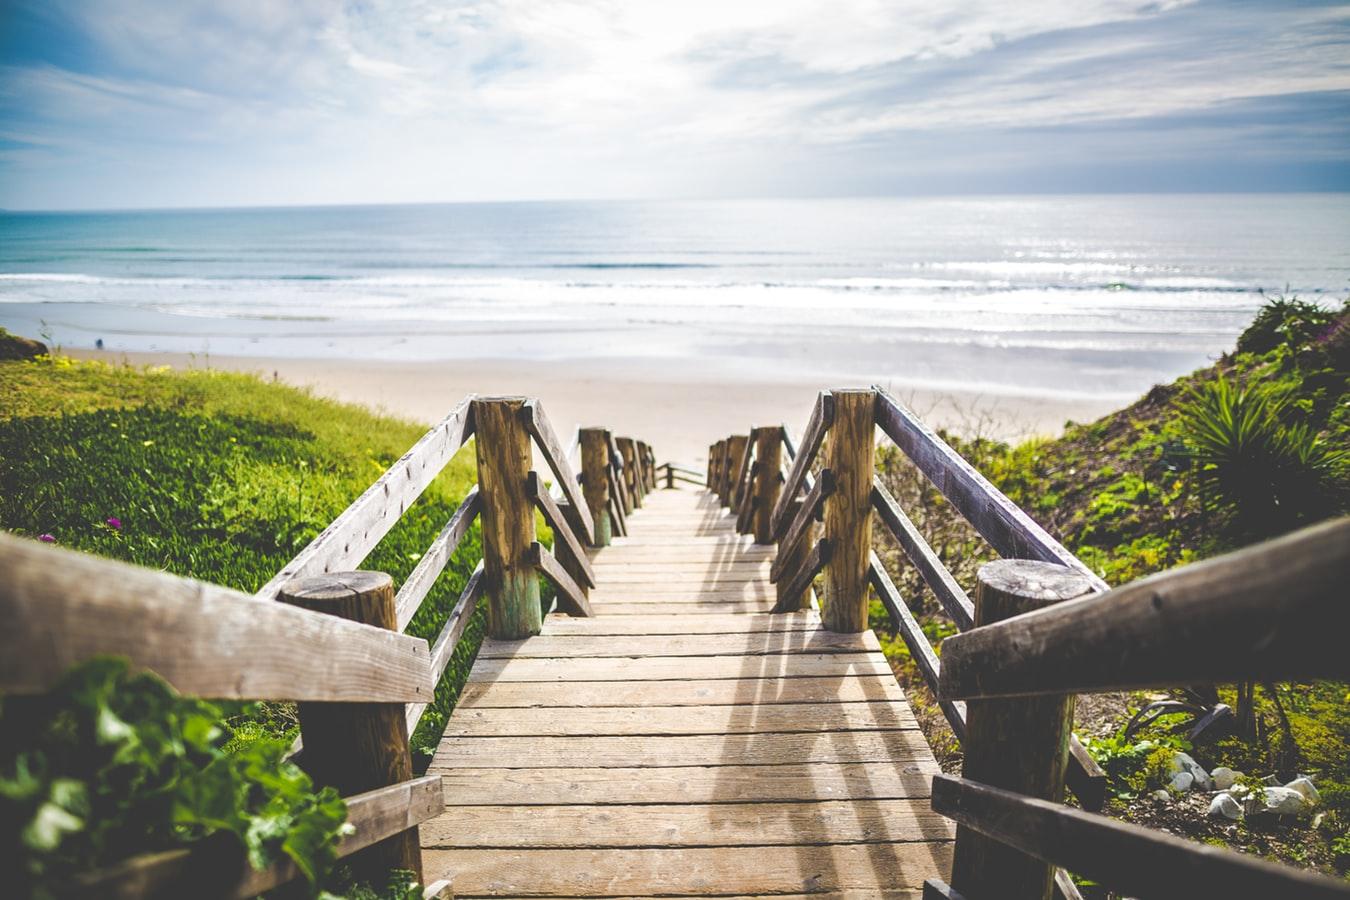 Verhinderungspflege beanspruchen für Urlaub, Strand